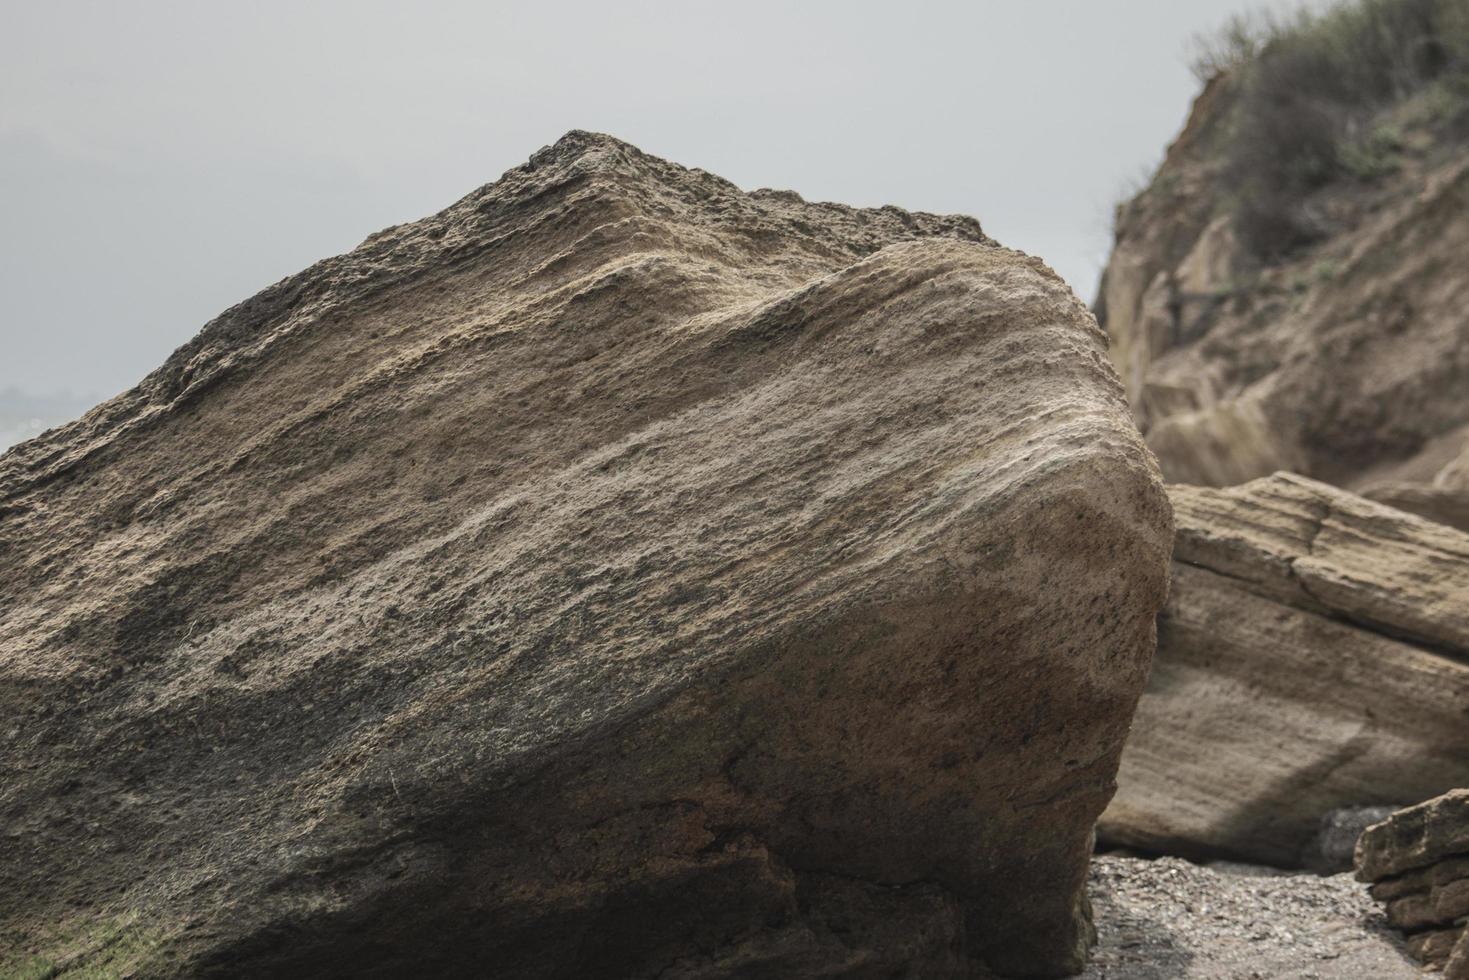 grandes rocas marinas se encuentran en la playa foto